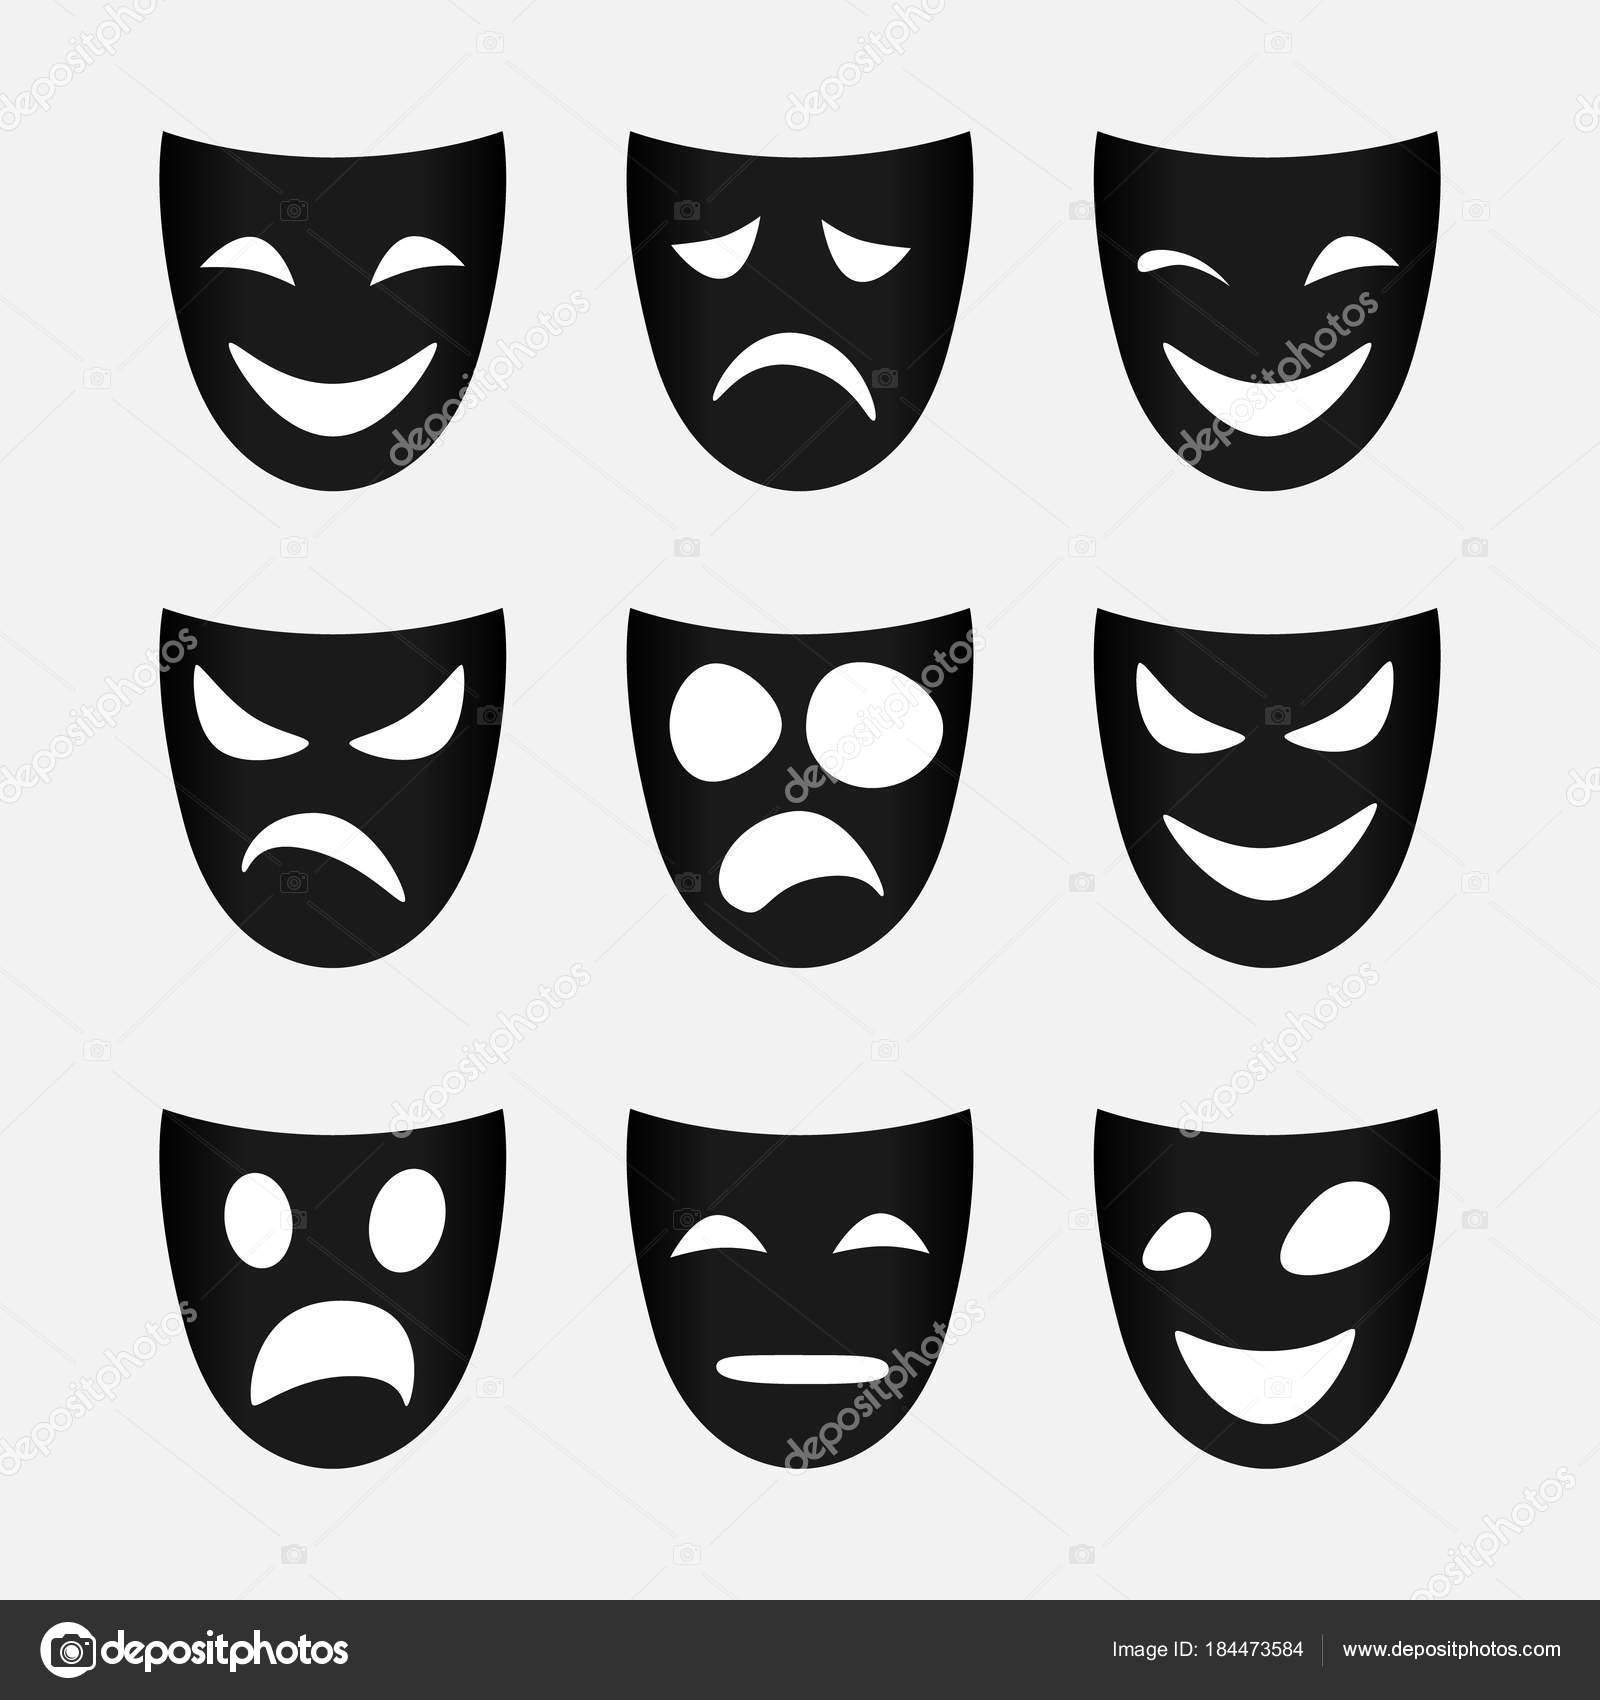 黒い仮面のセットのベクトル画像 ストックベクター Maksimankuda